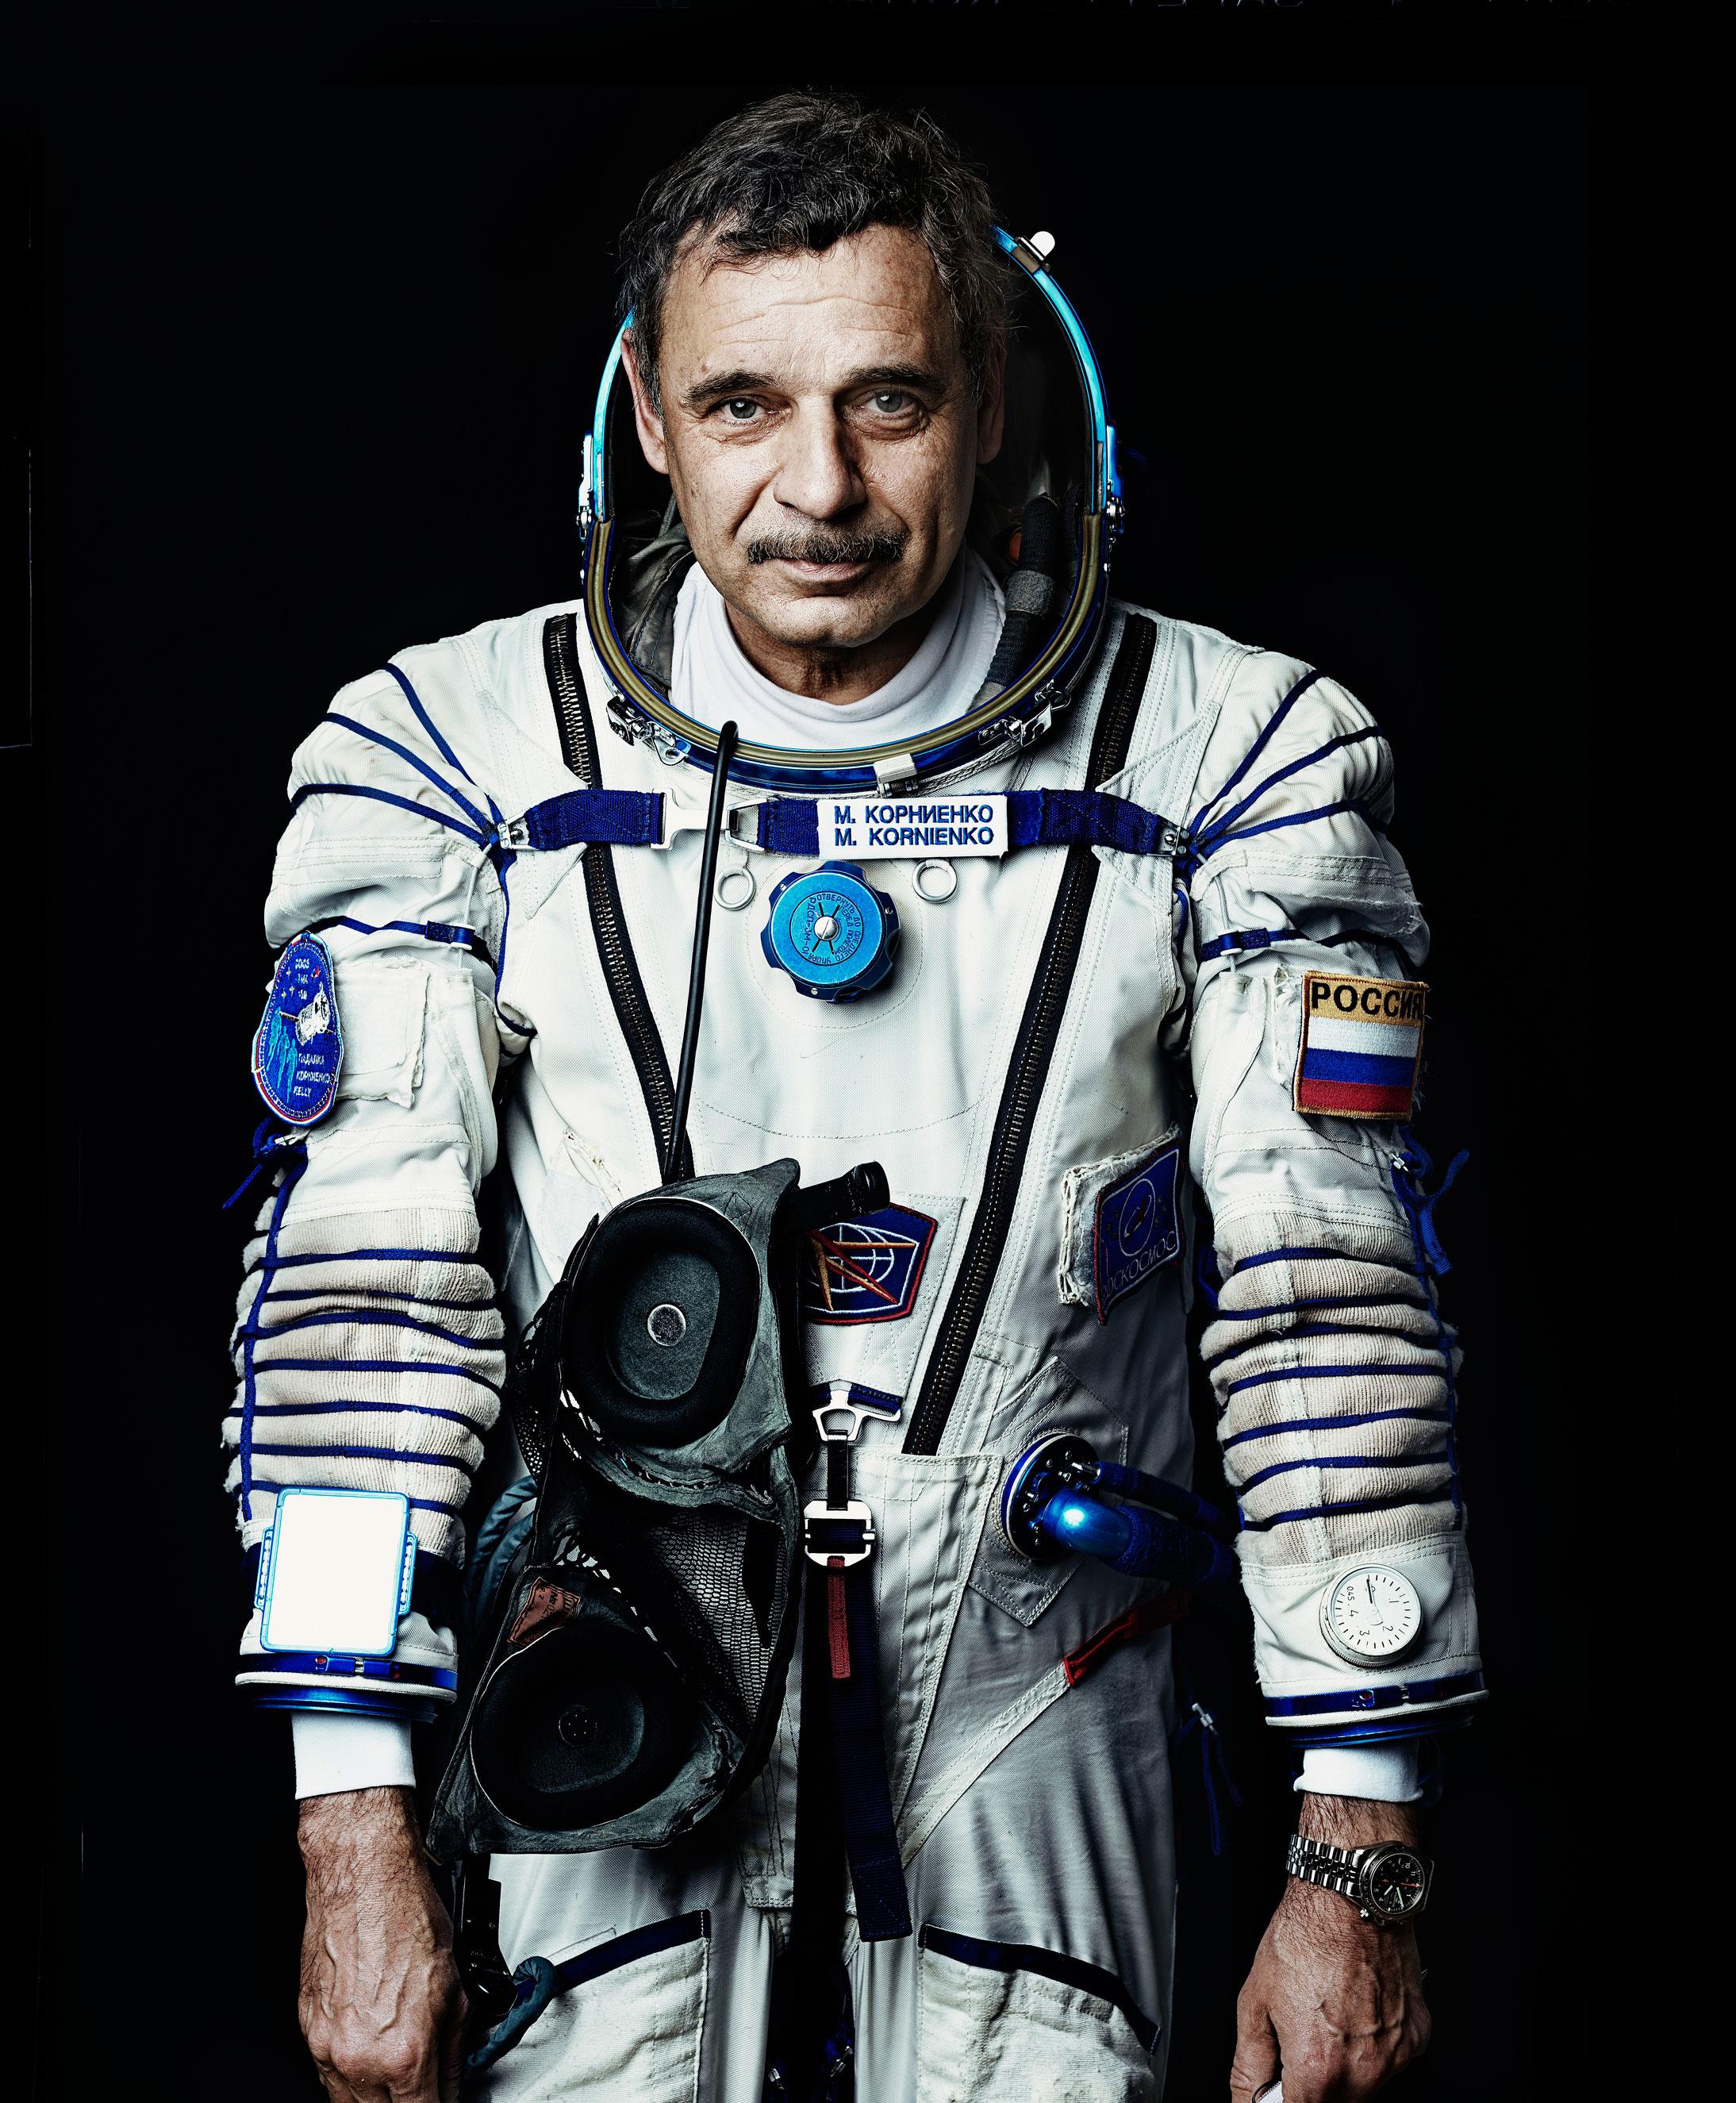 Russian Cosmonaut Mikhail Kornienko